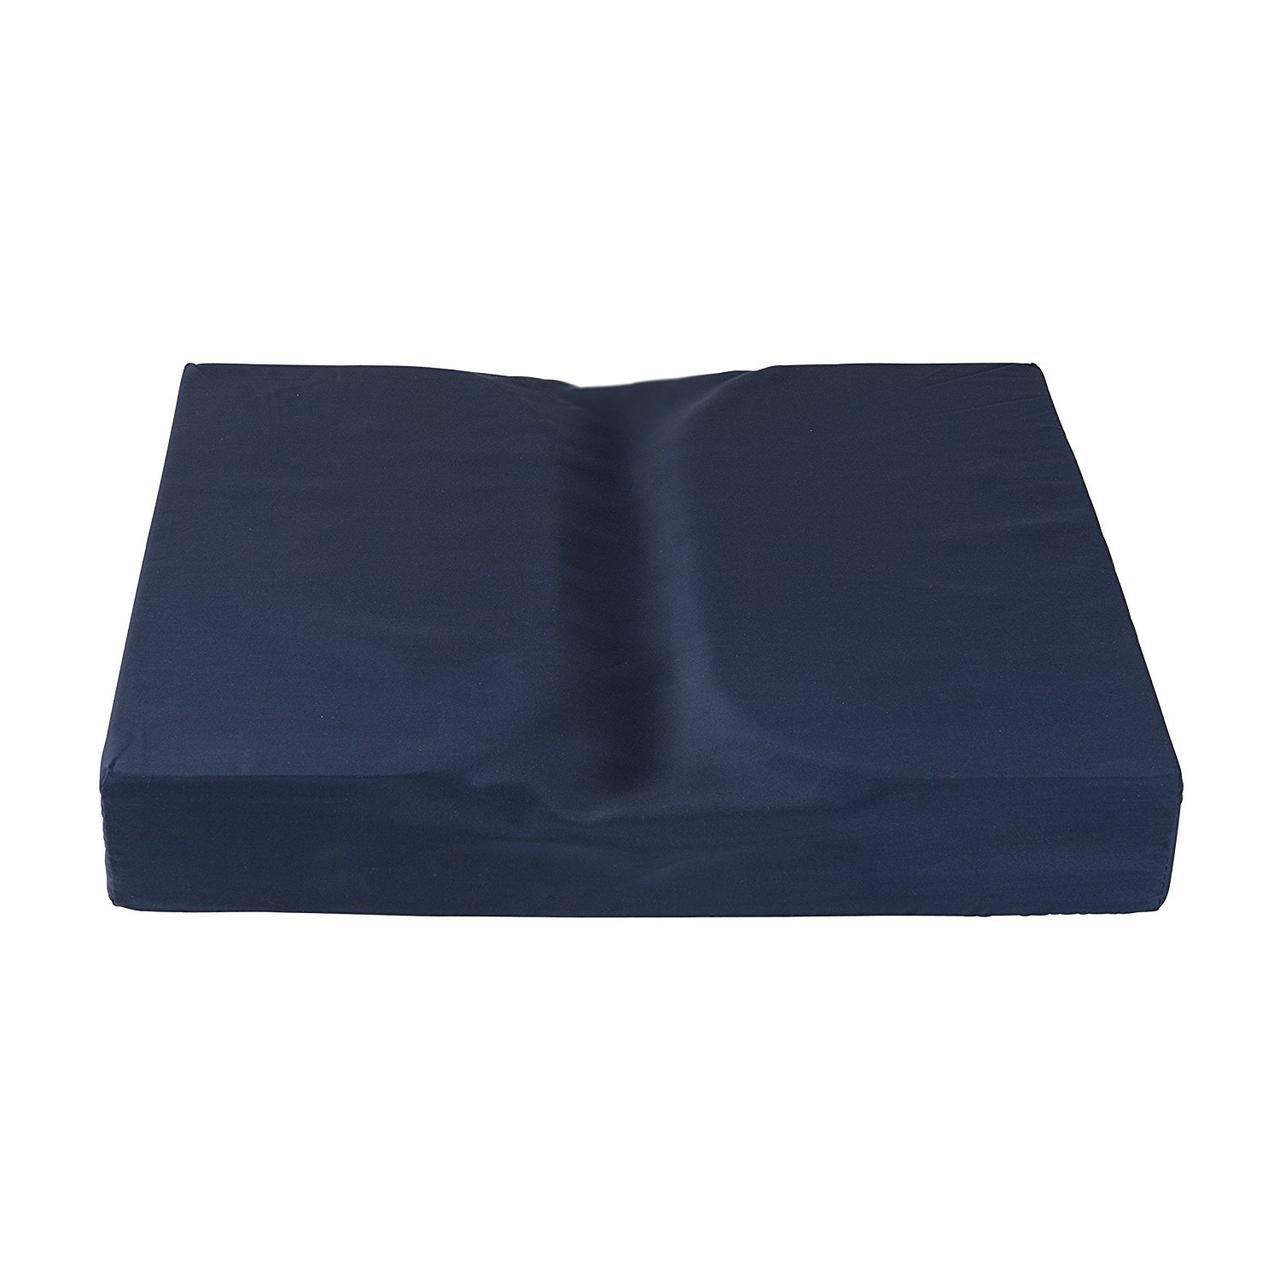 Ортопедическая подушка для сидения DMI Dual,  Navy